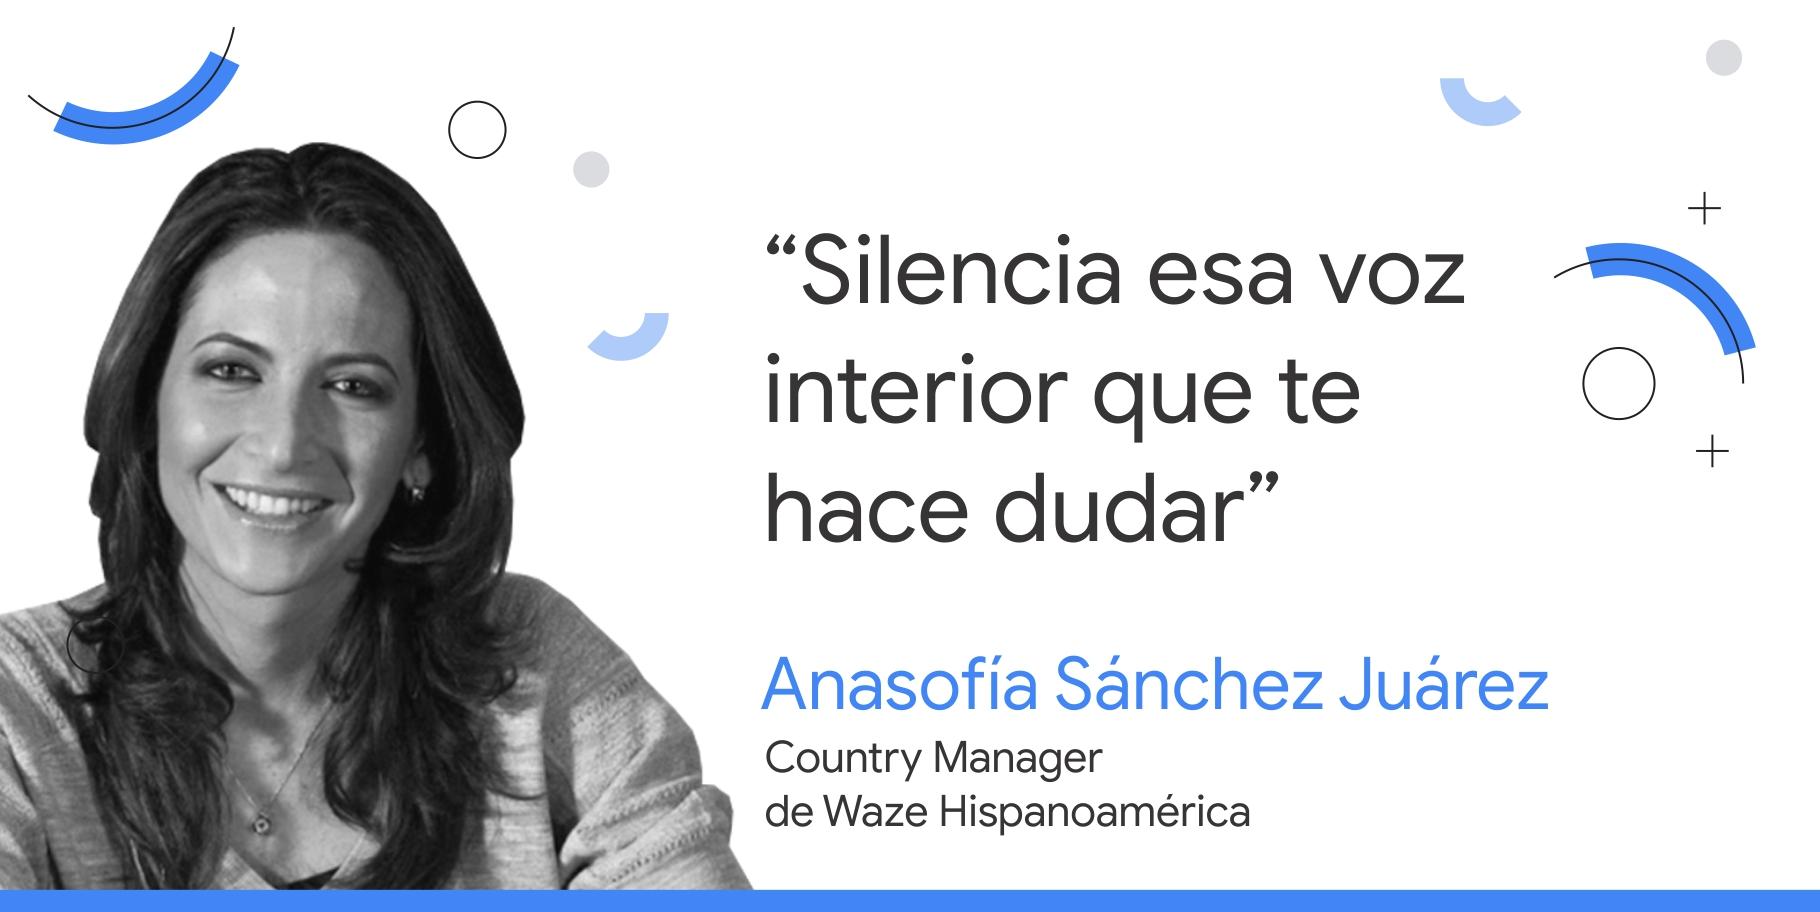 """Foto en blanco y negro de Anasofía Sánchez Juárez, country manager de Waze Hispanomérica, junto al consejo que dice: """"Silencia esa voz interior que te hace dudar""""."""